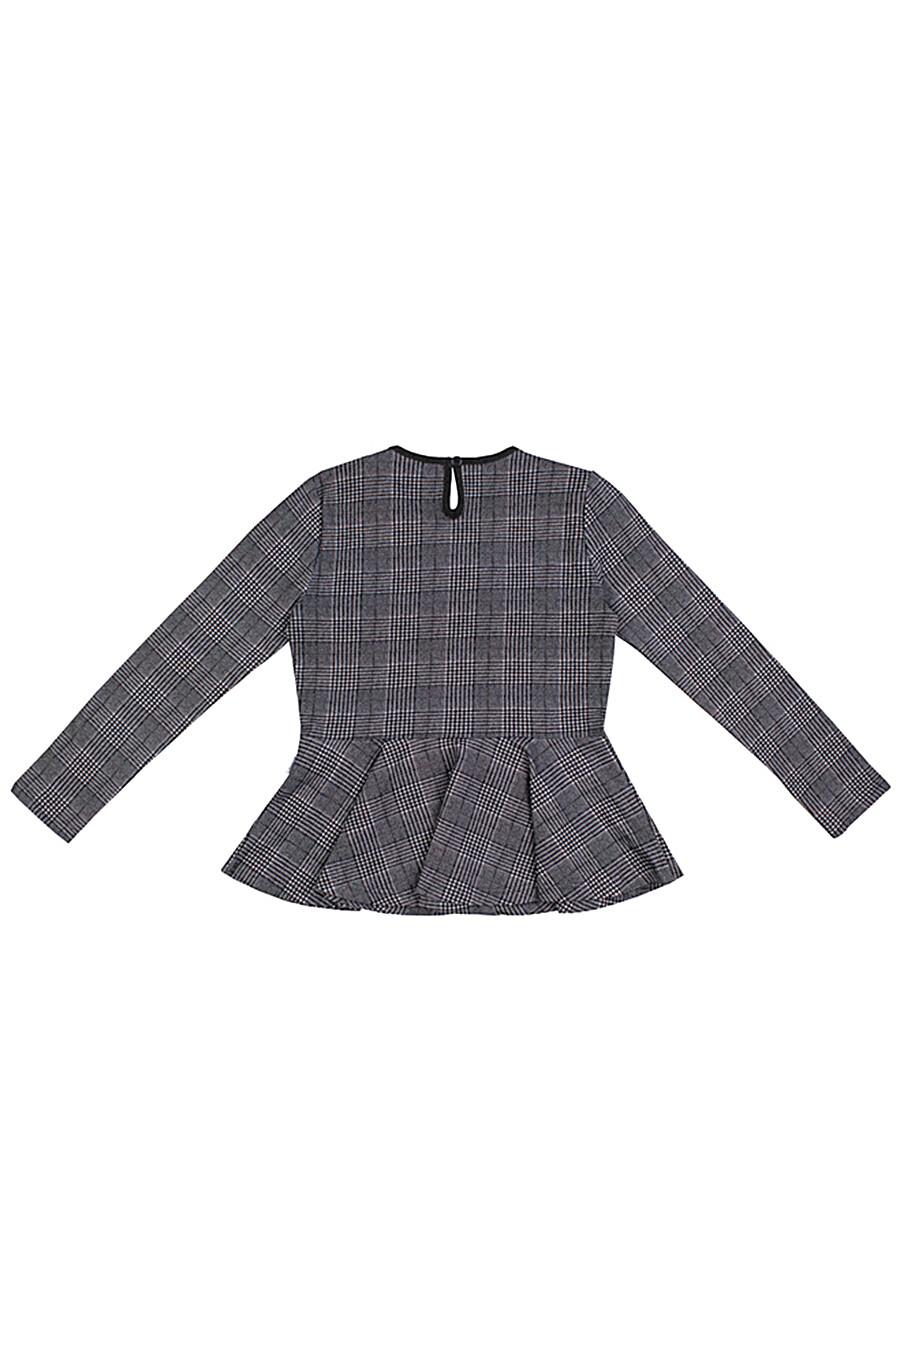 Джемпер для девочек АПРЕЛЬ 699859 купить оптом от производителя. Совместная покупка детской одежды в OptMoyo